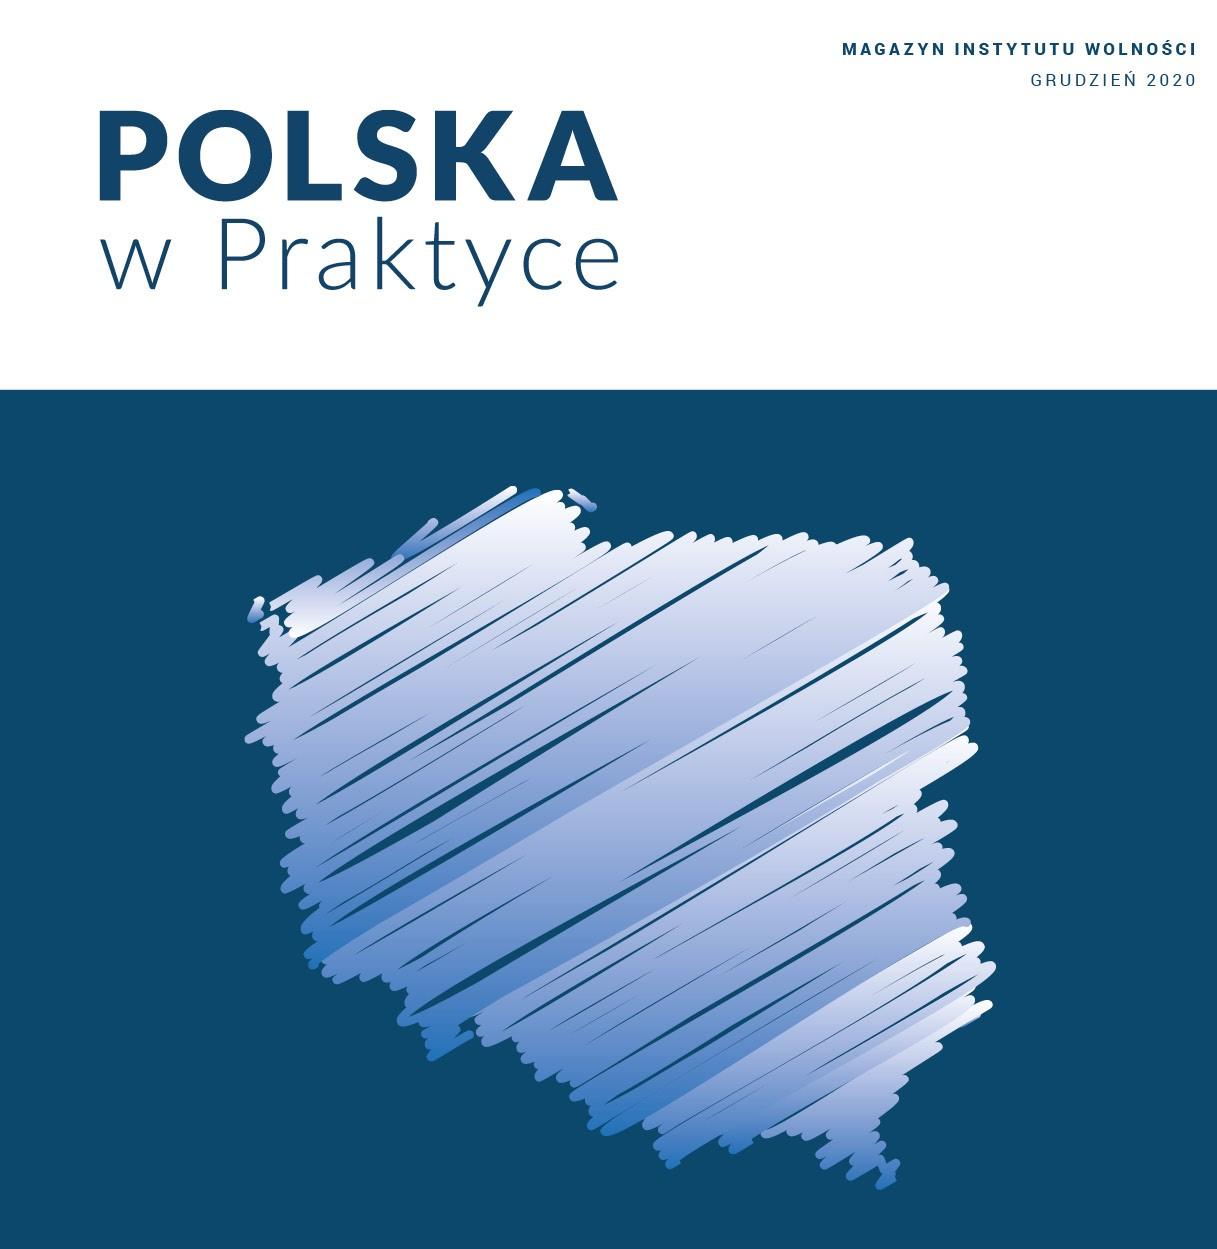 Polska w Praktyce wraca w nowej formule – grudniowy numer już dostępny!